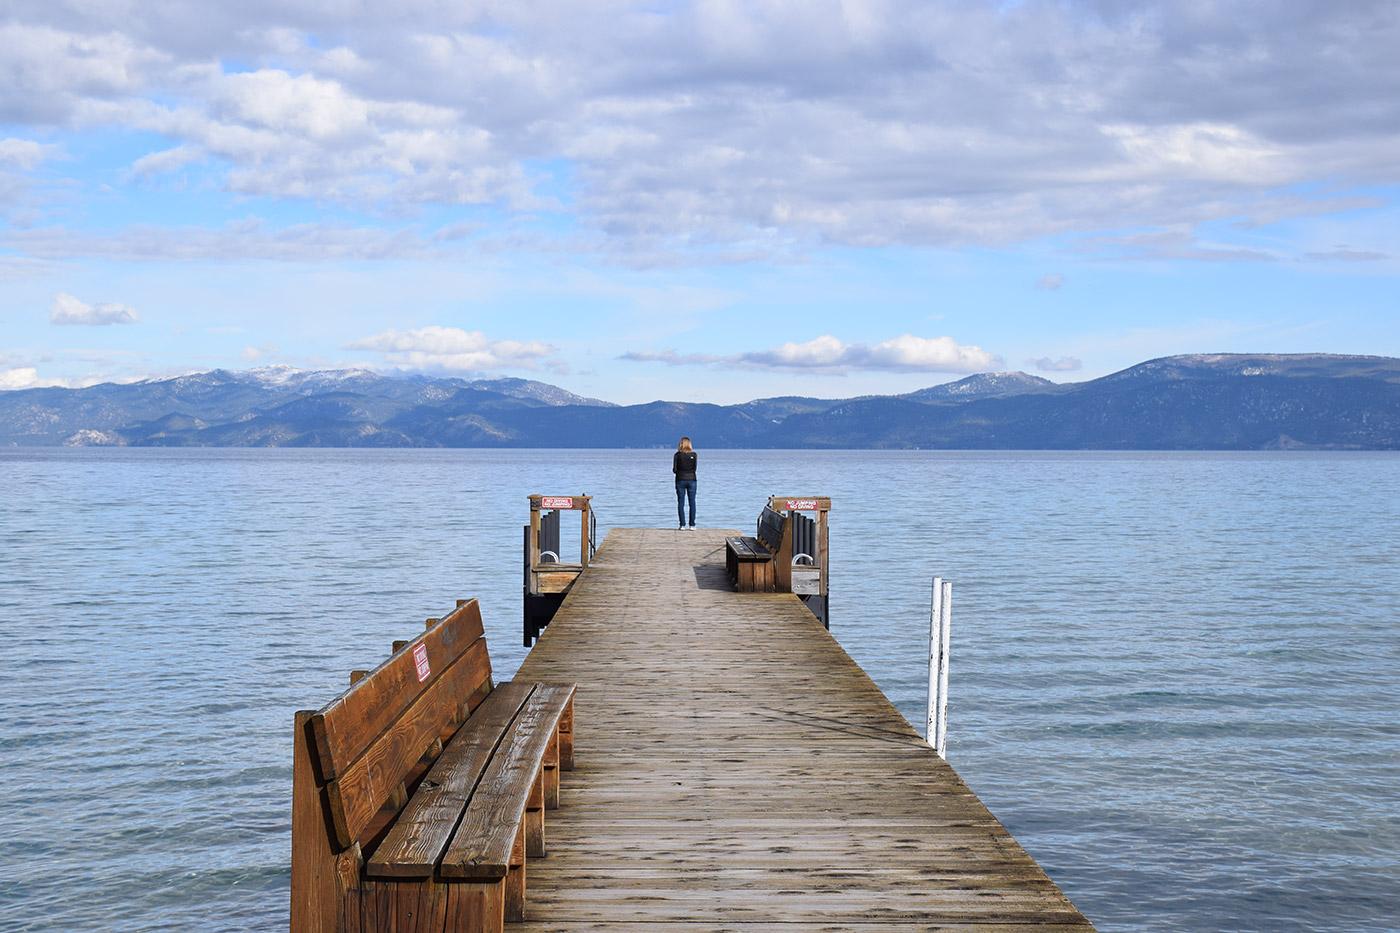 lake-tahoe-dock-lake-view.jpg